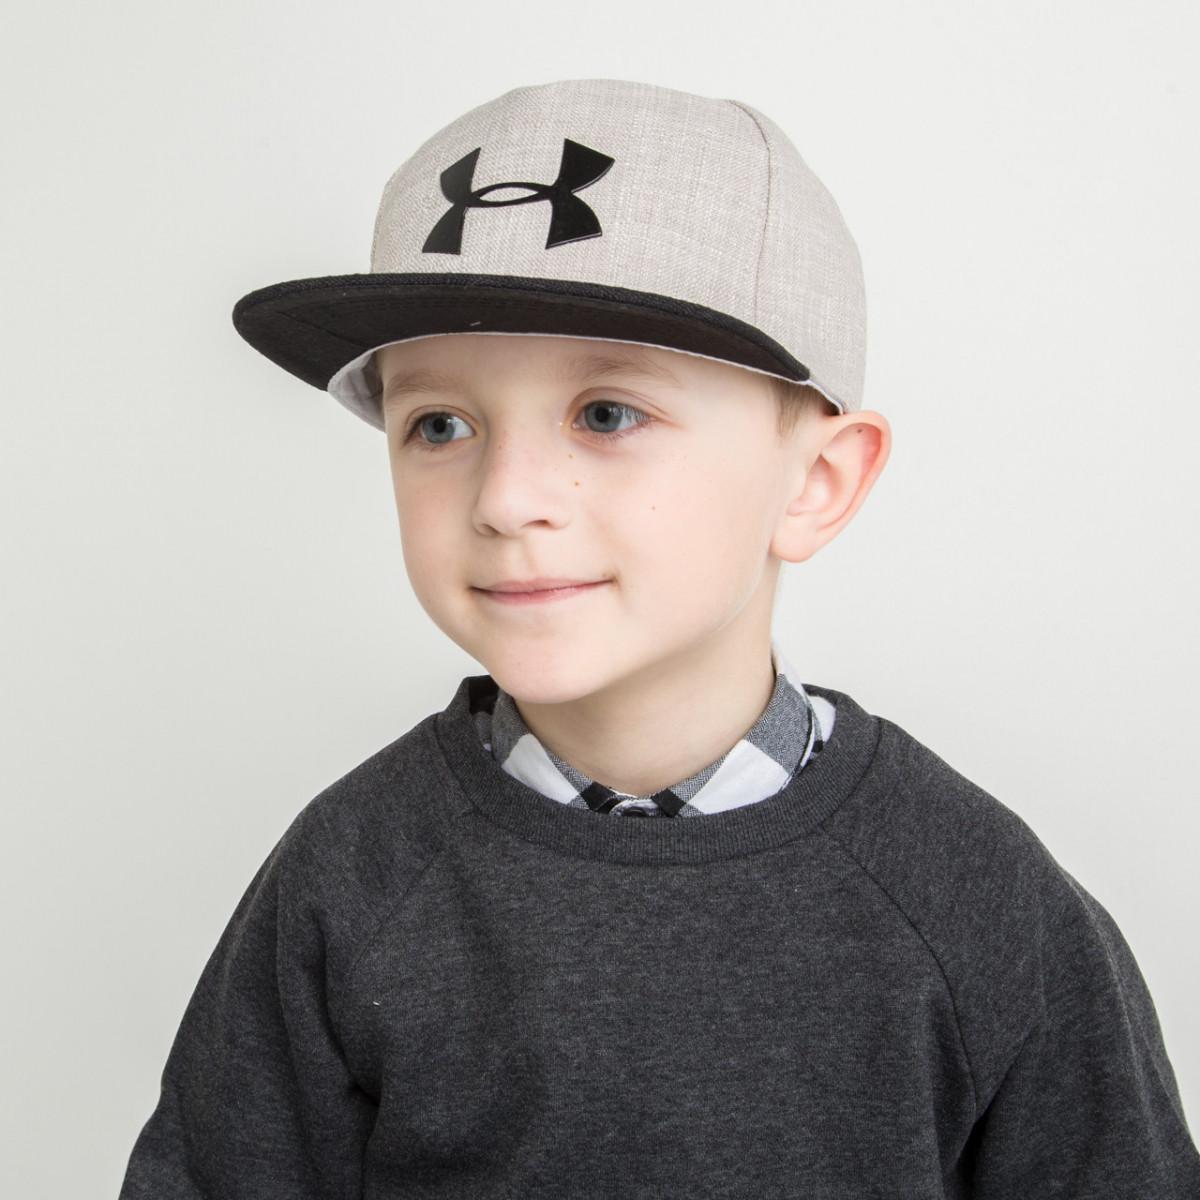 Весенняя кепка Snapback для мальчика - UnderArmour - 82018-42